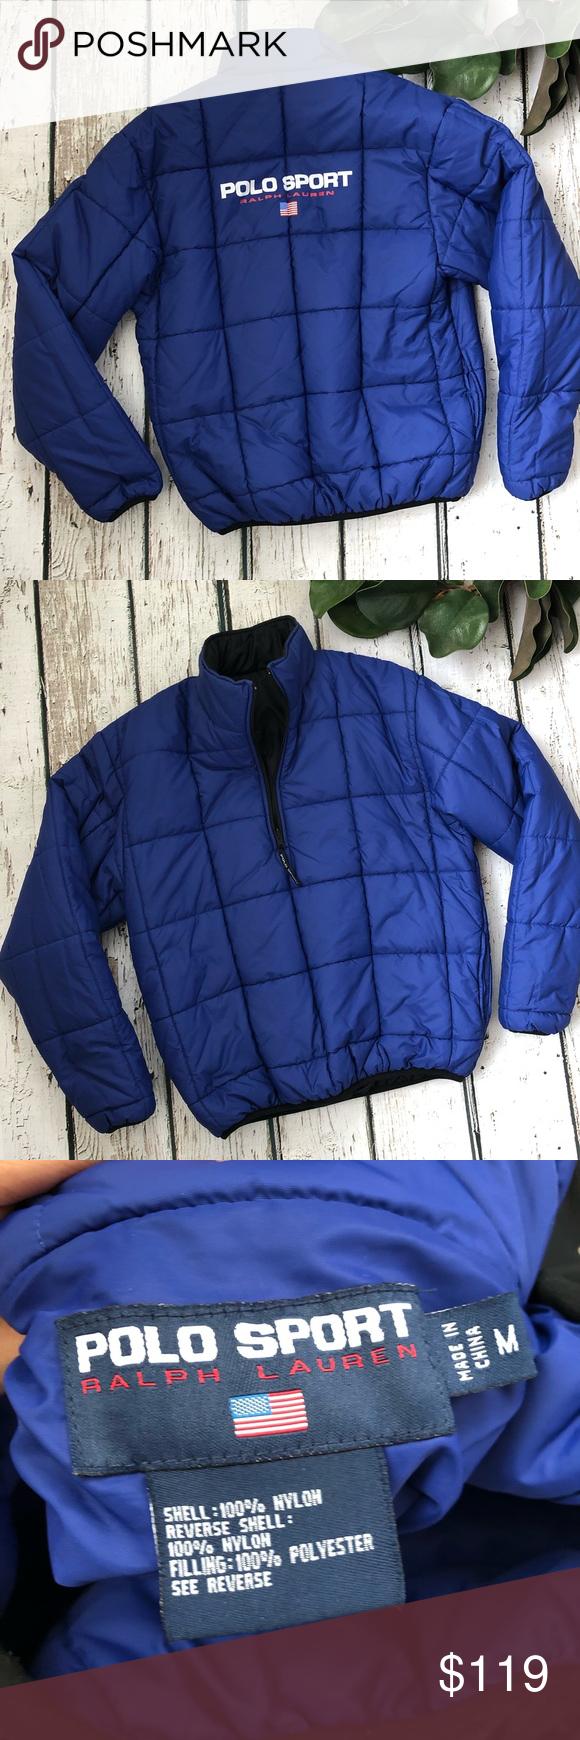 Vtg 90 S Polo Sport Reversible Puffer Jacket Ralph Lauren Jackets Jackets Puffer Jackets [ 1740 x 580 Pixel ]